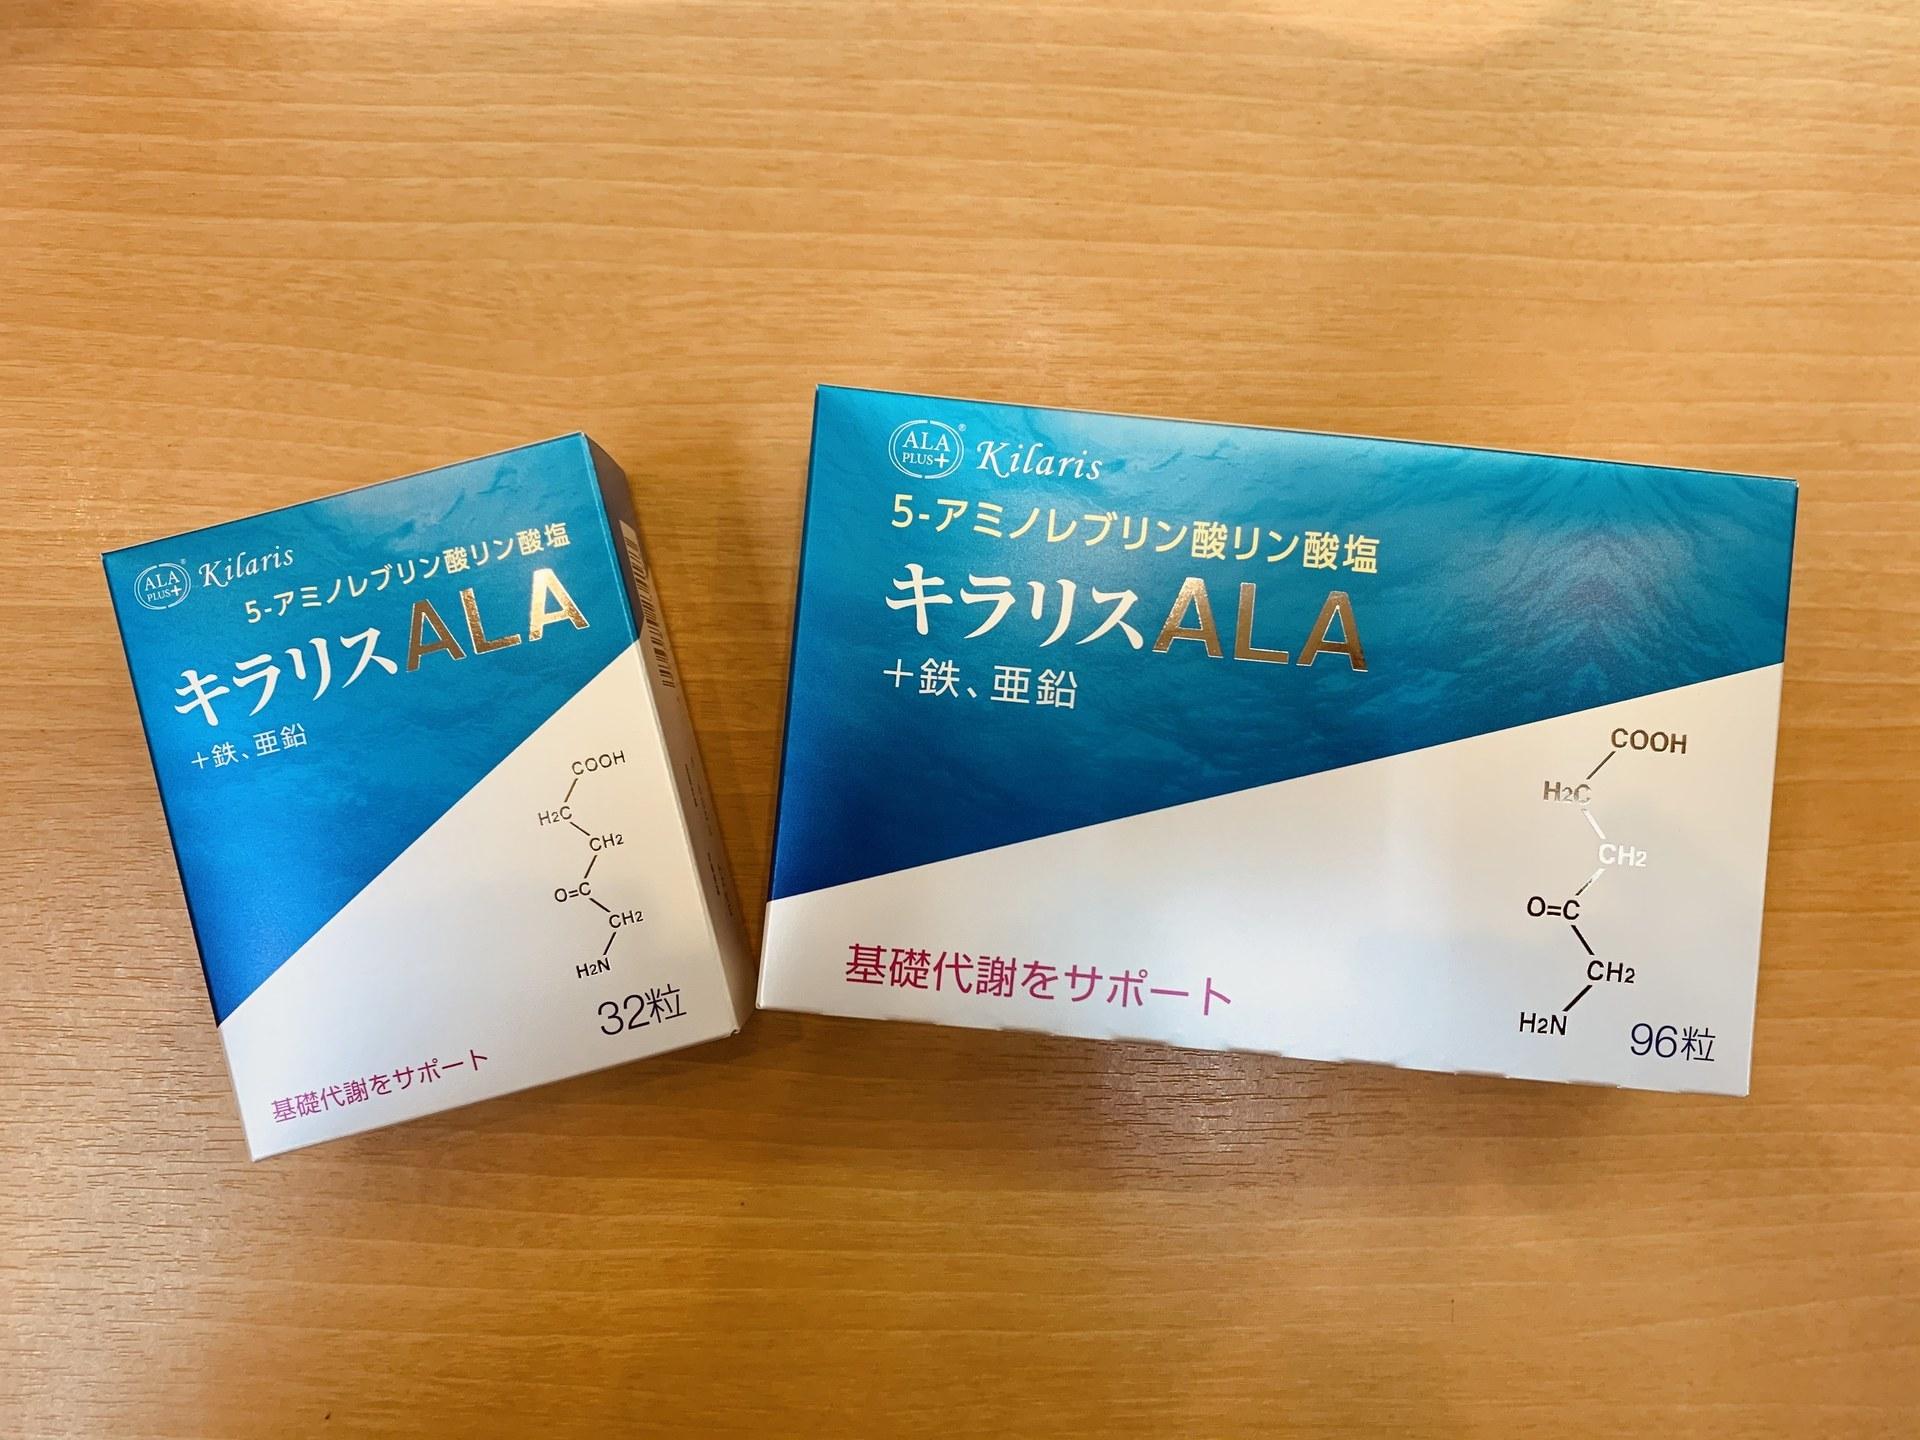 アミノレブリン 酸 ー 5